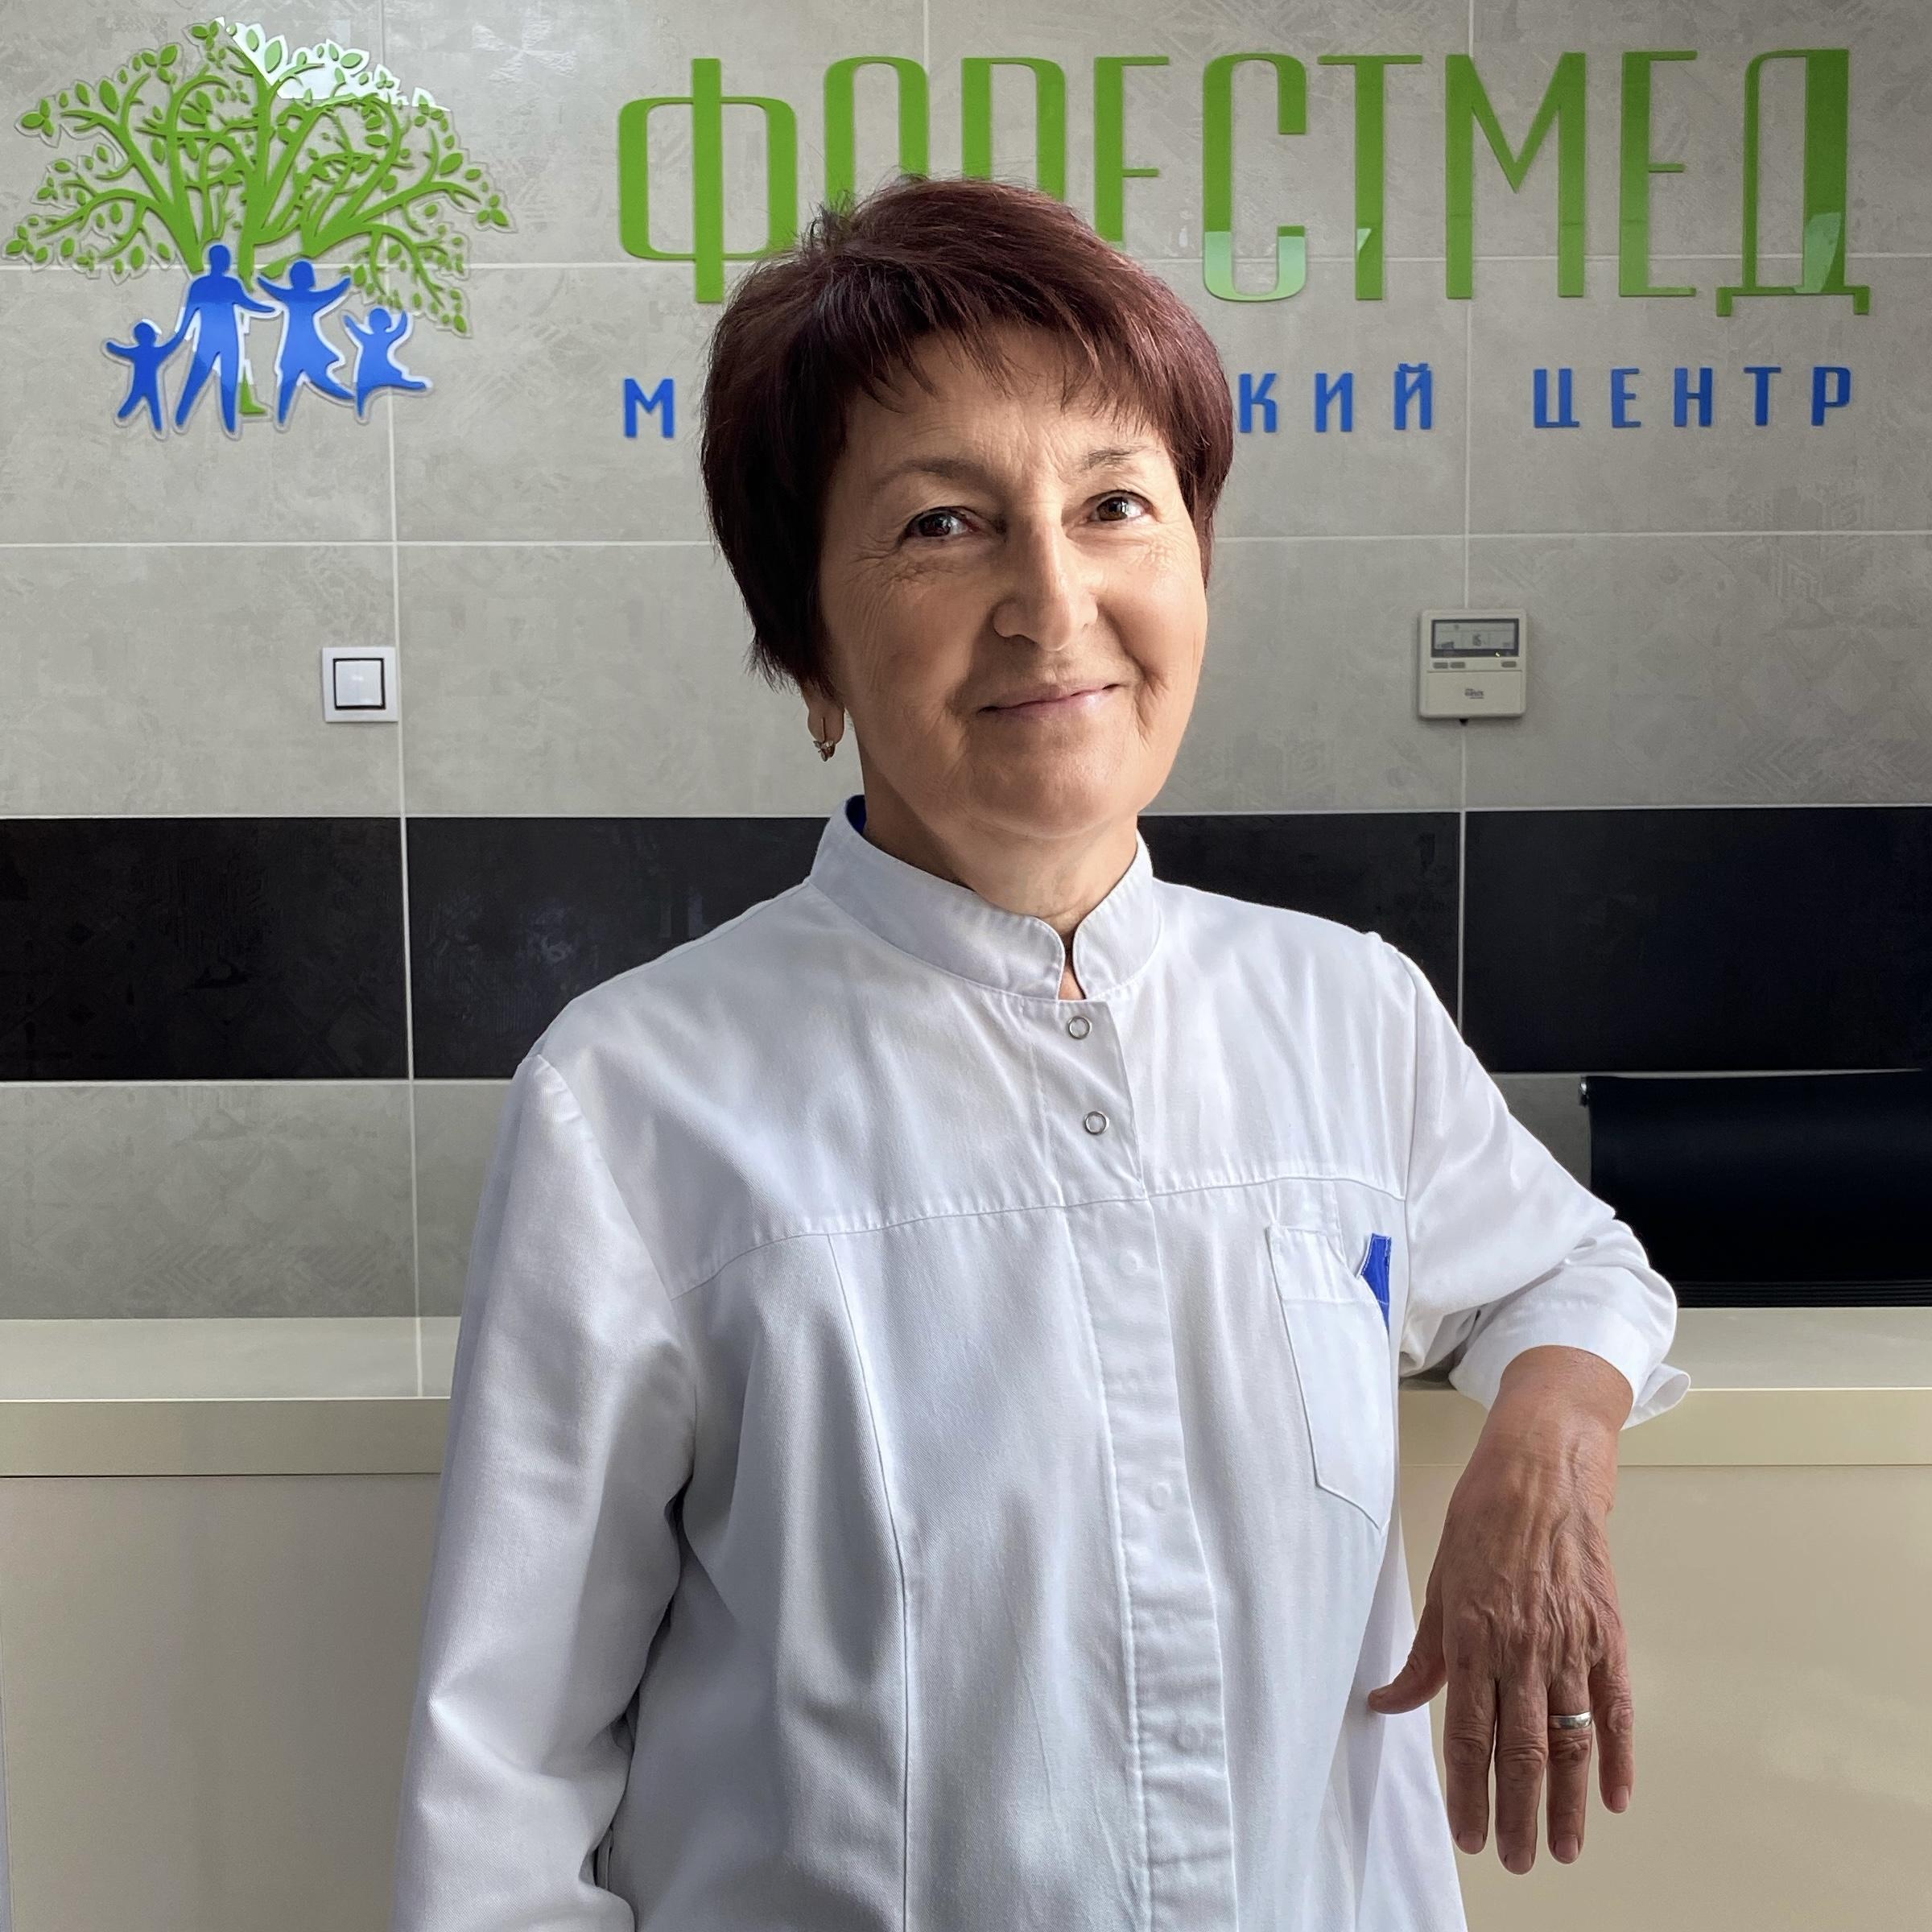 офтальмолог Гюрджян